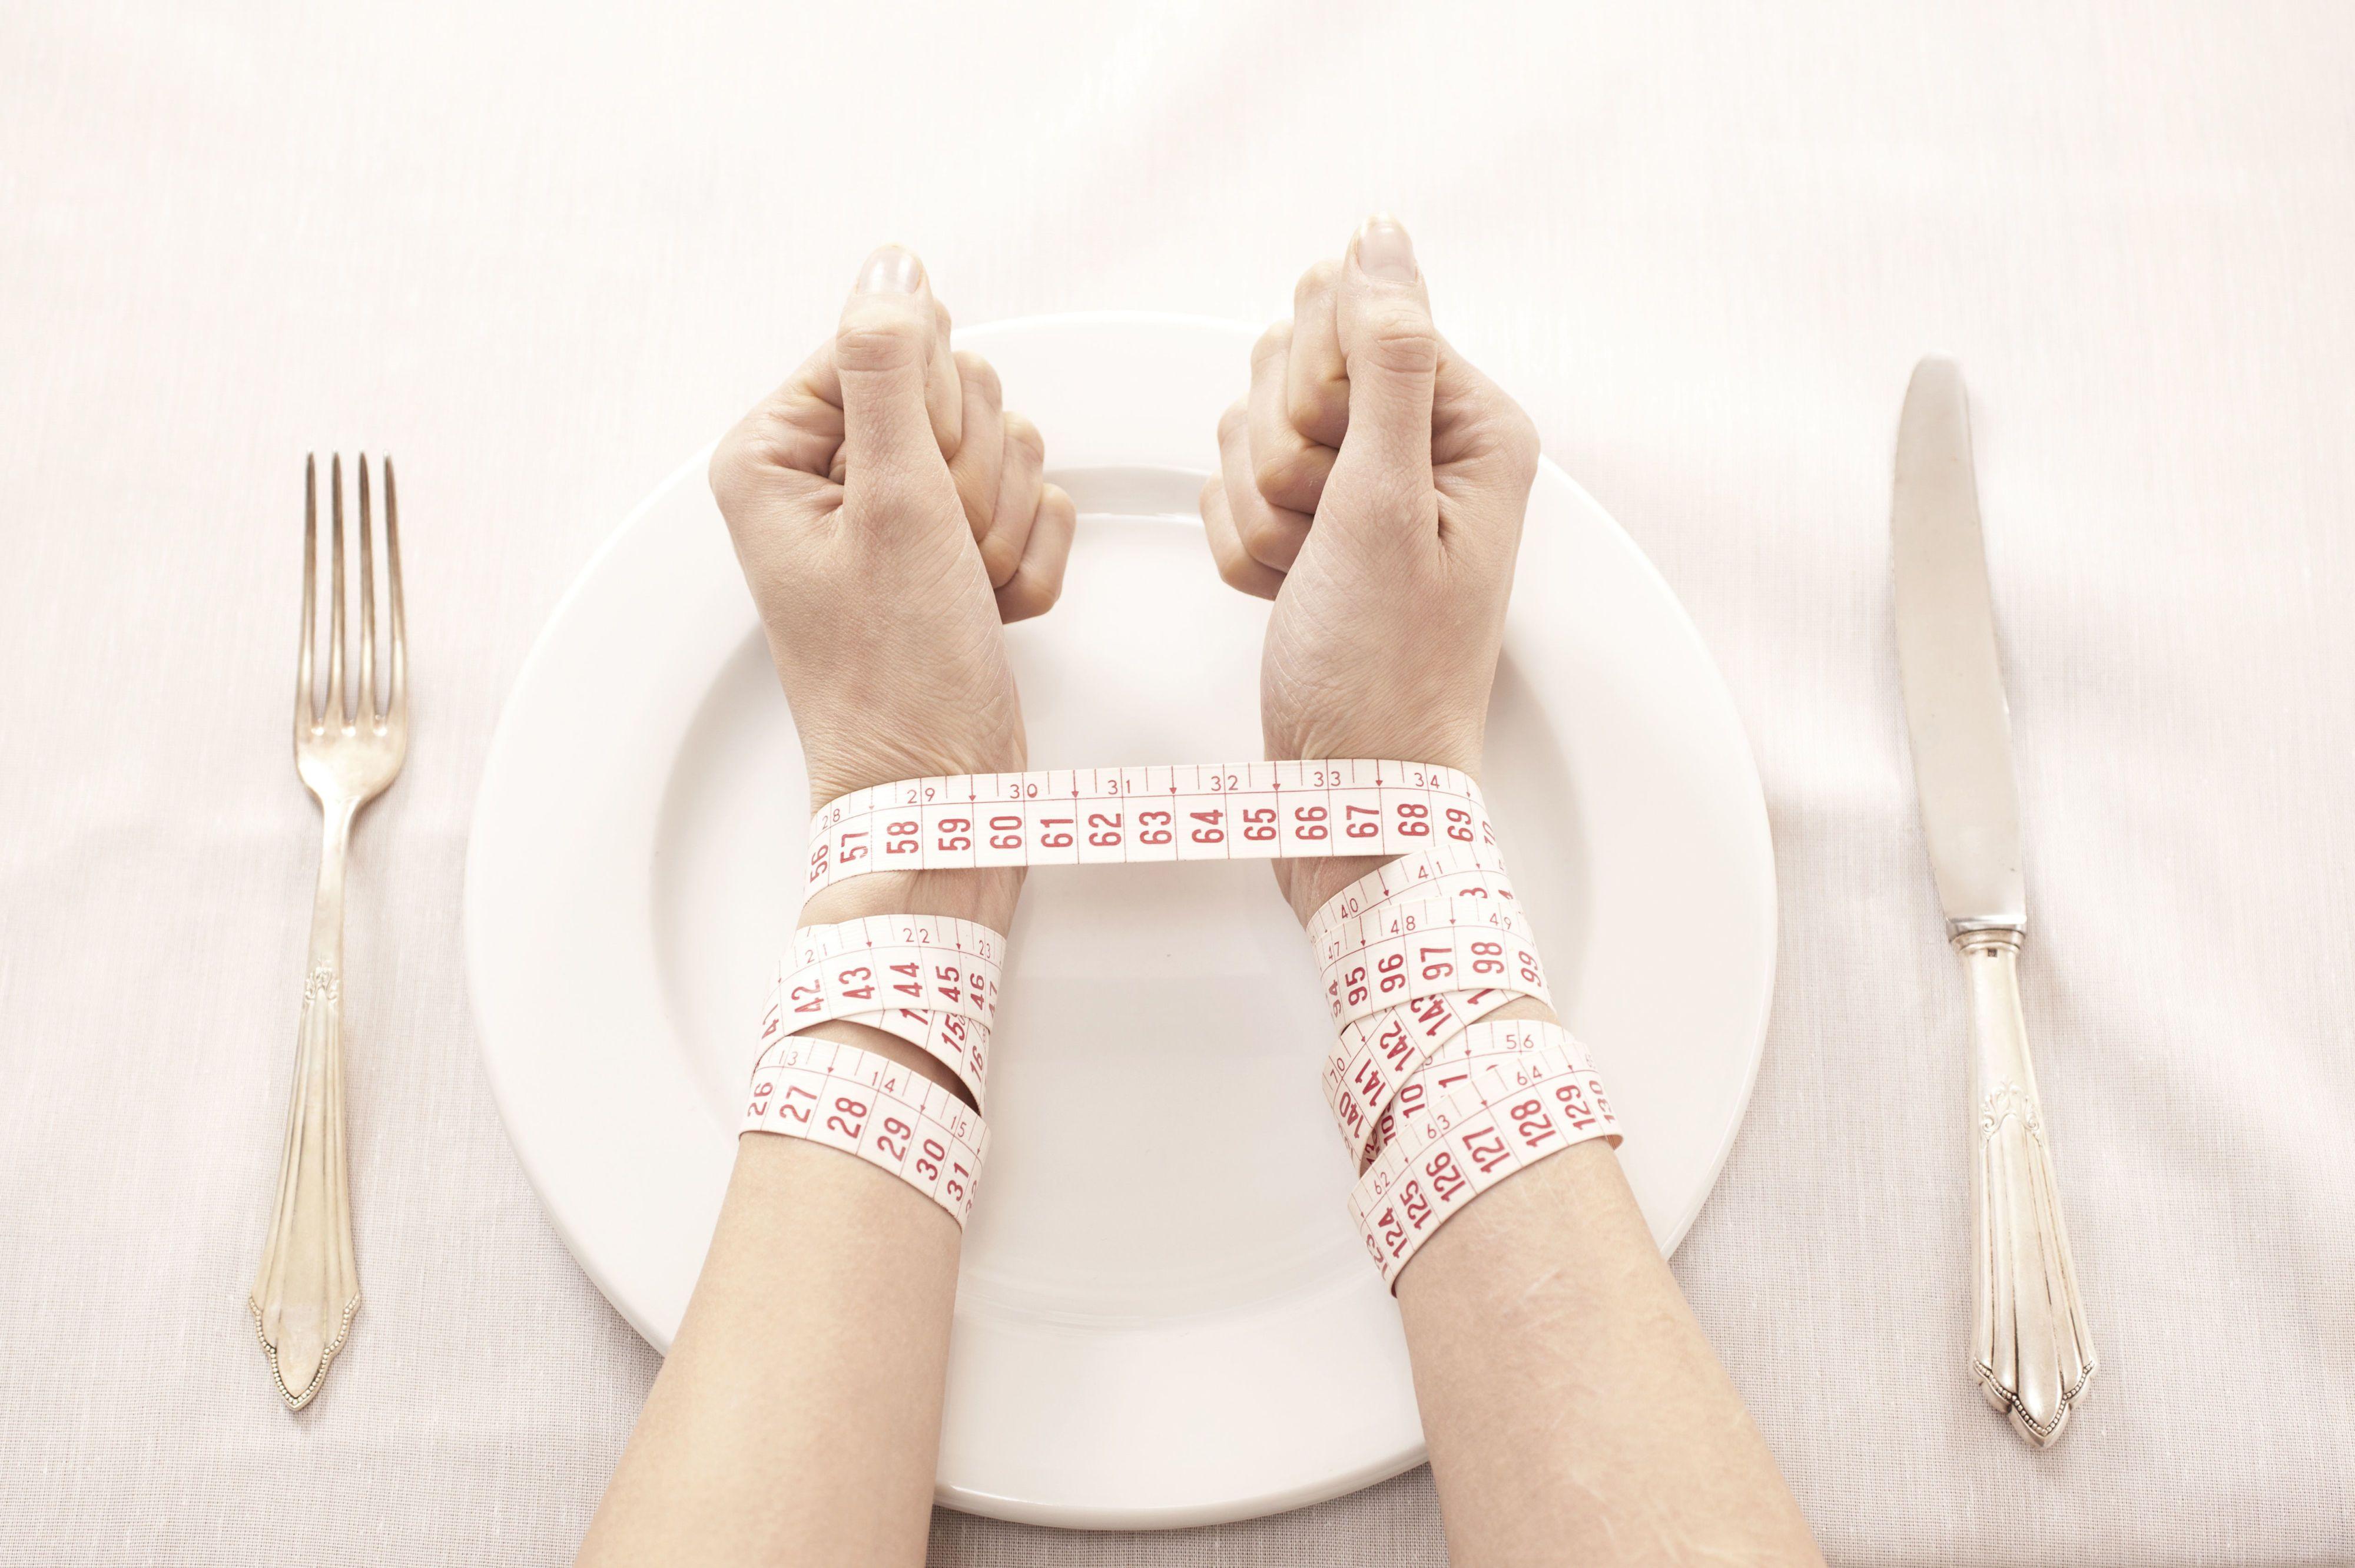 perdida de peso 4 kilos en un mes involuntario